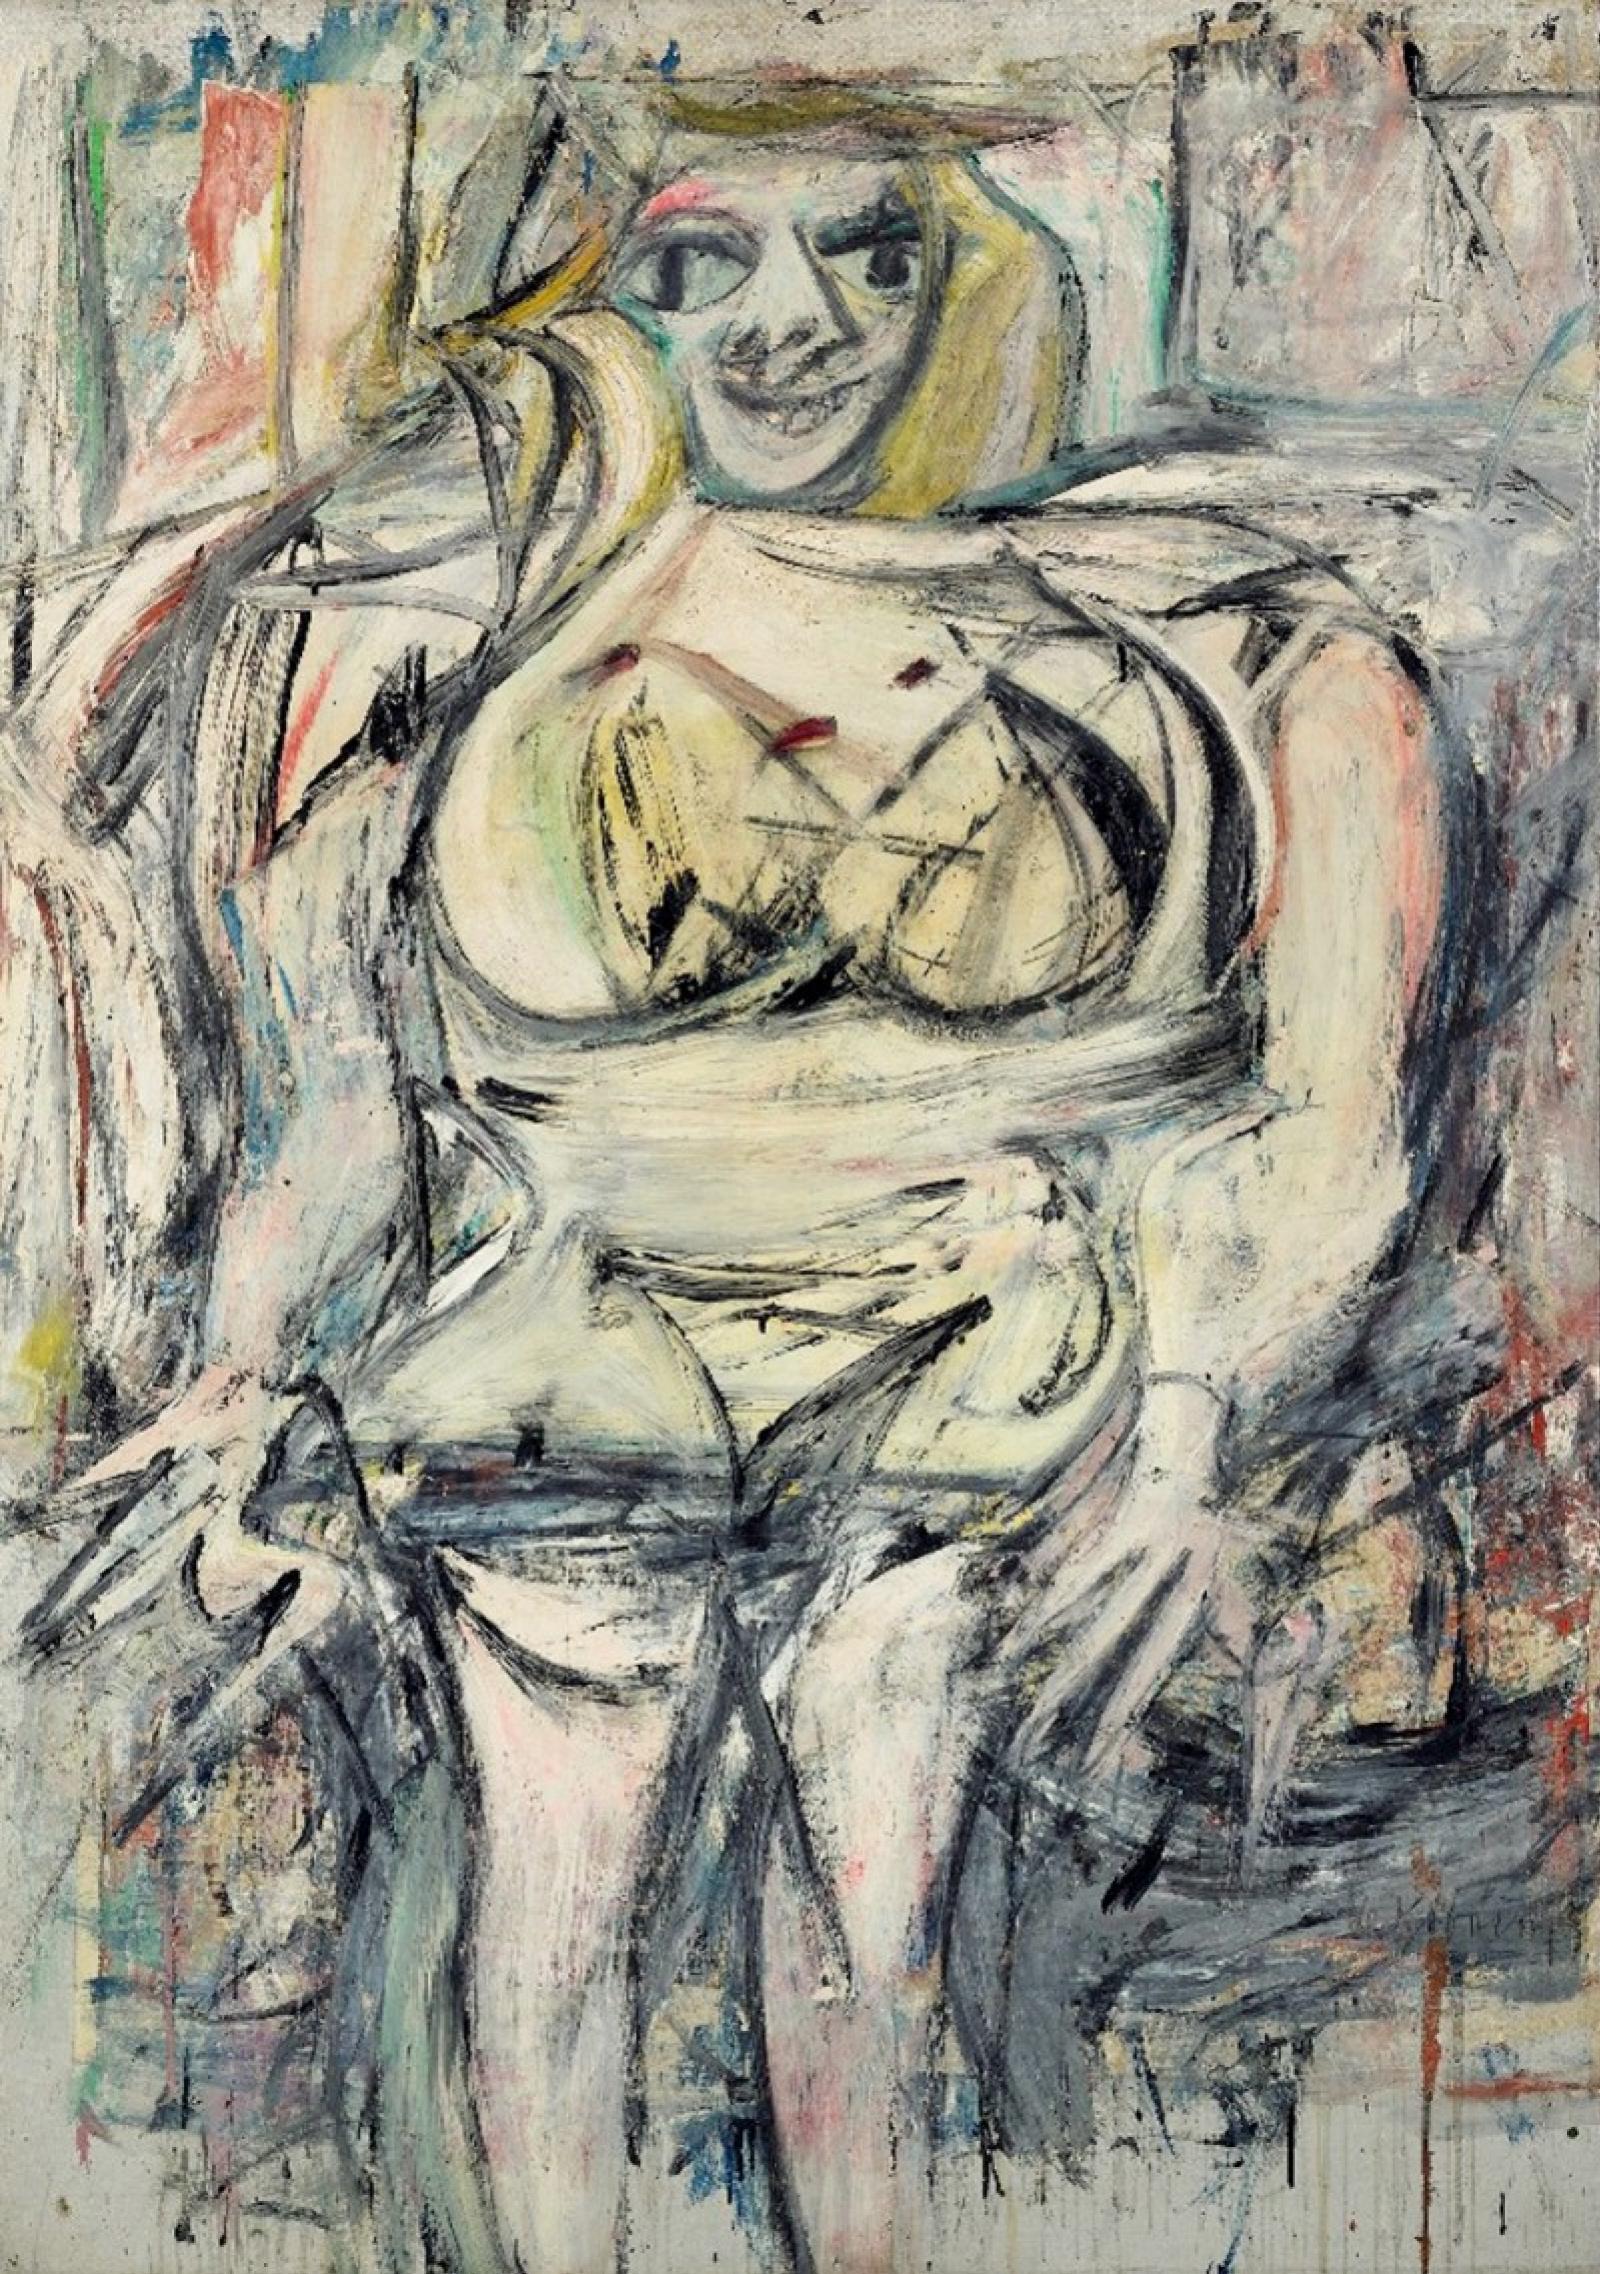 Woman III – Willem de Kooning